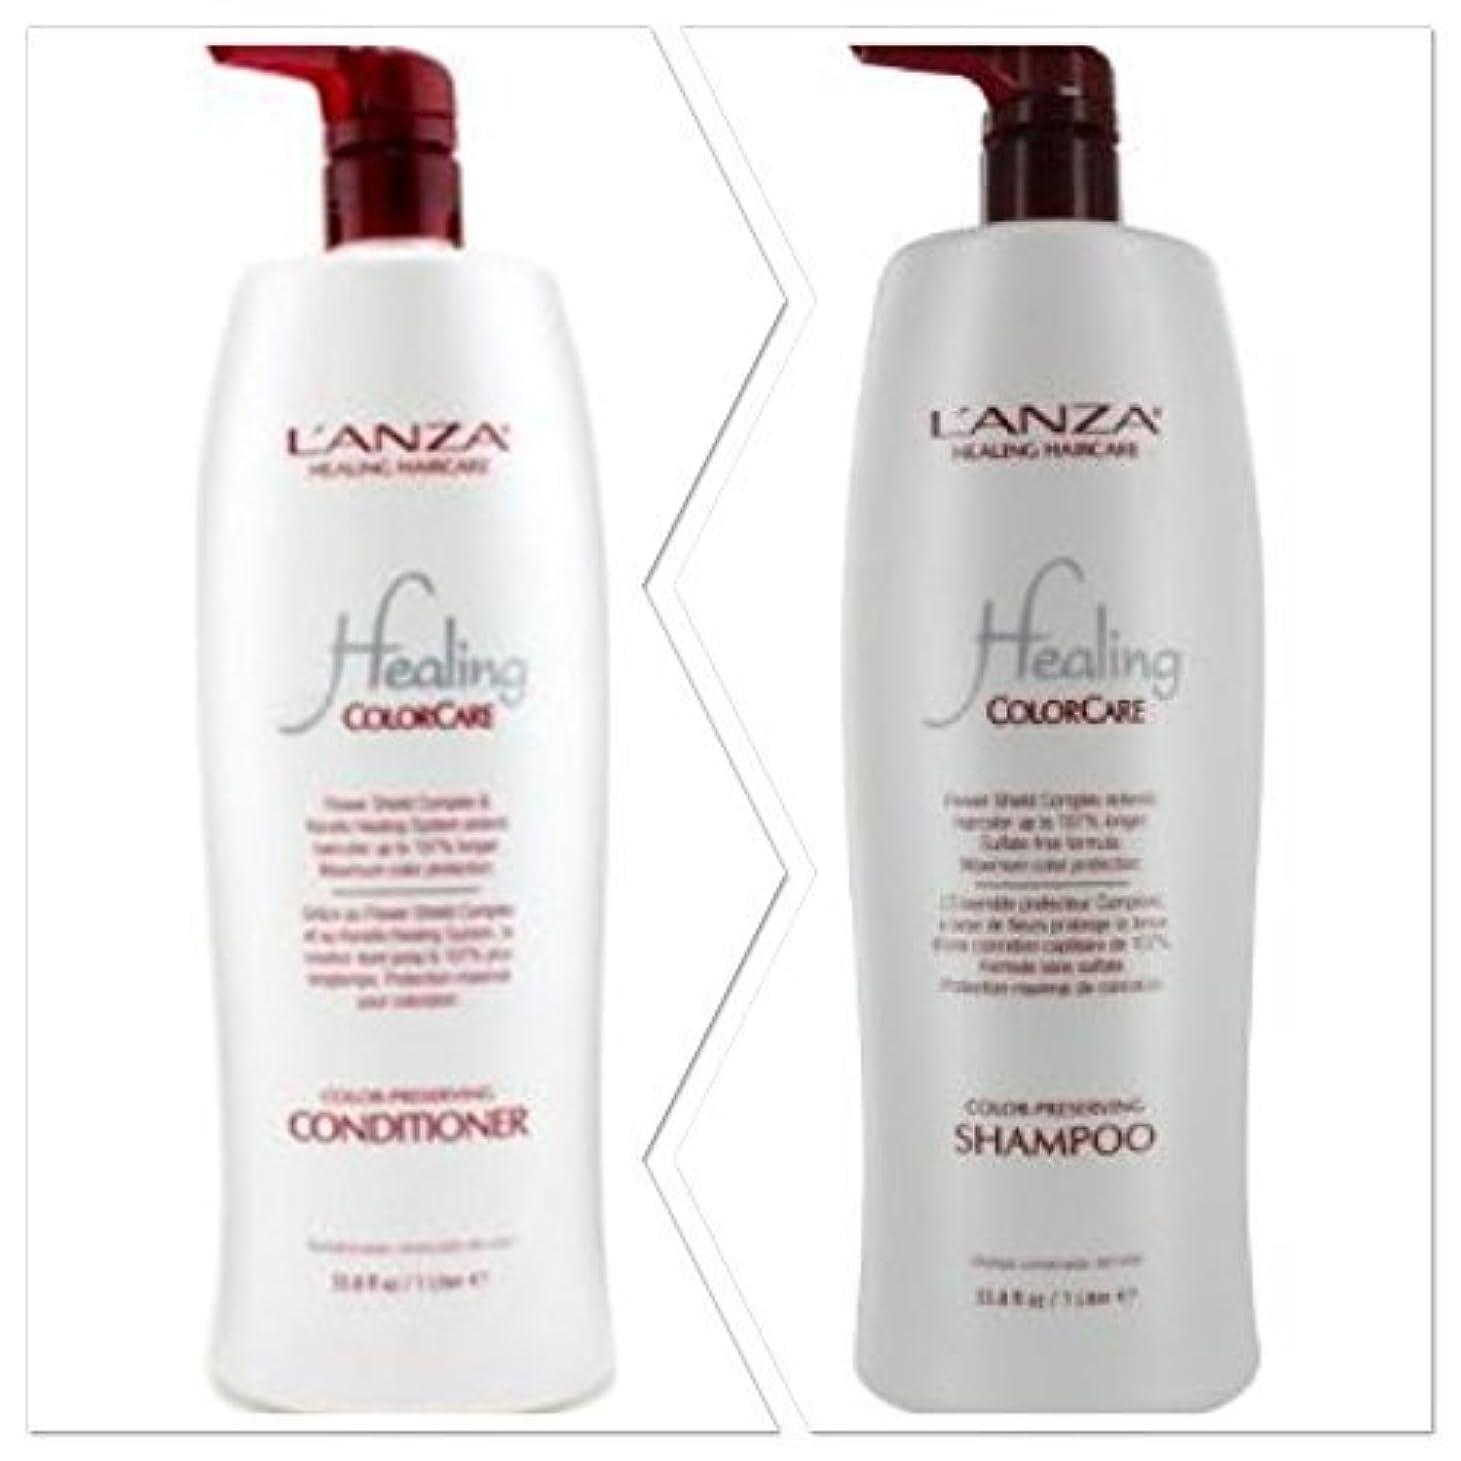 束ねる火薬礼拝L'anza Healing Colorcare Color-preserving Shampoo + Conditioner Dou (33.8 oz (1Liter)) by L'anza